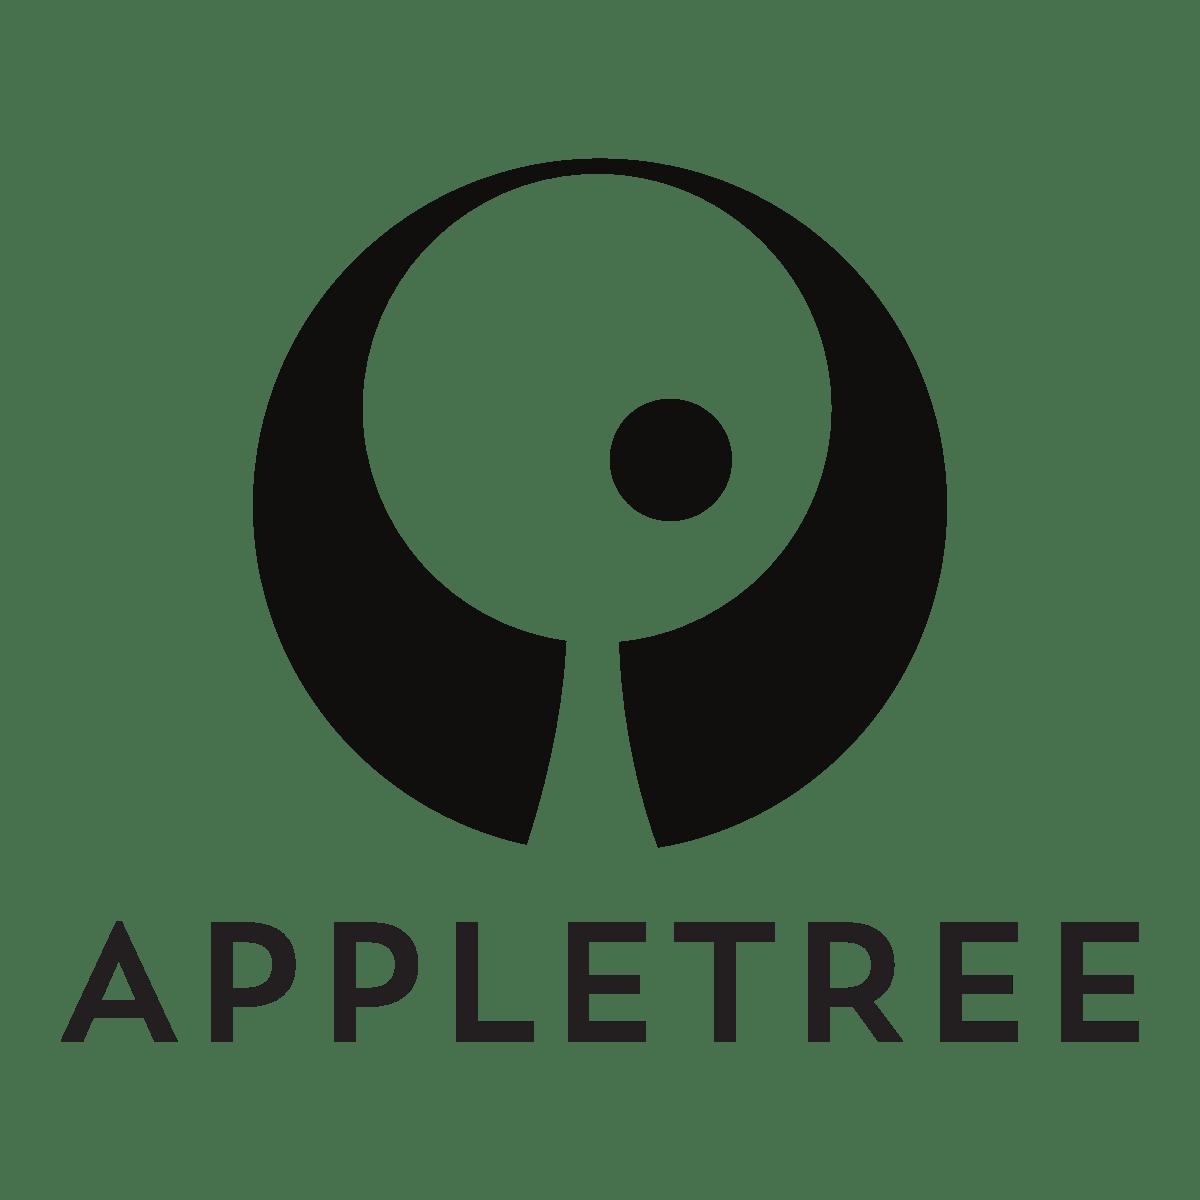 Appletree Surfboards